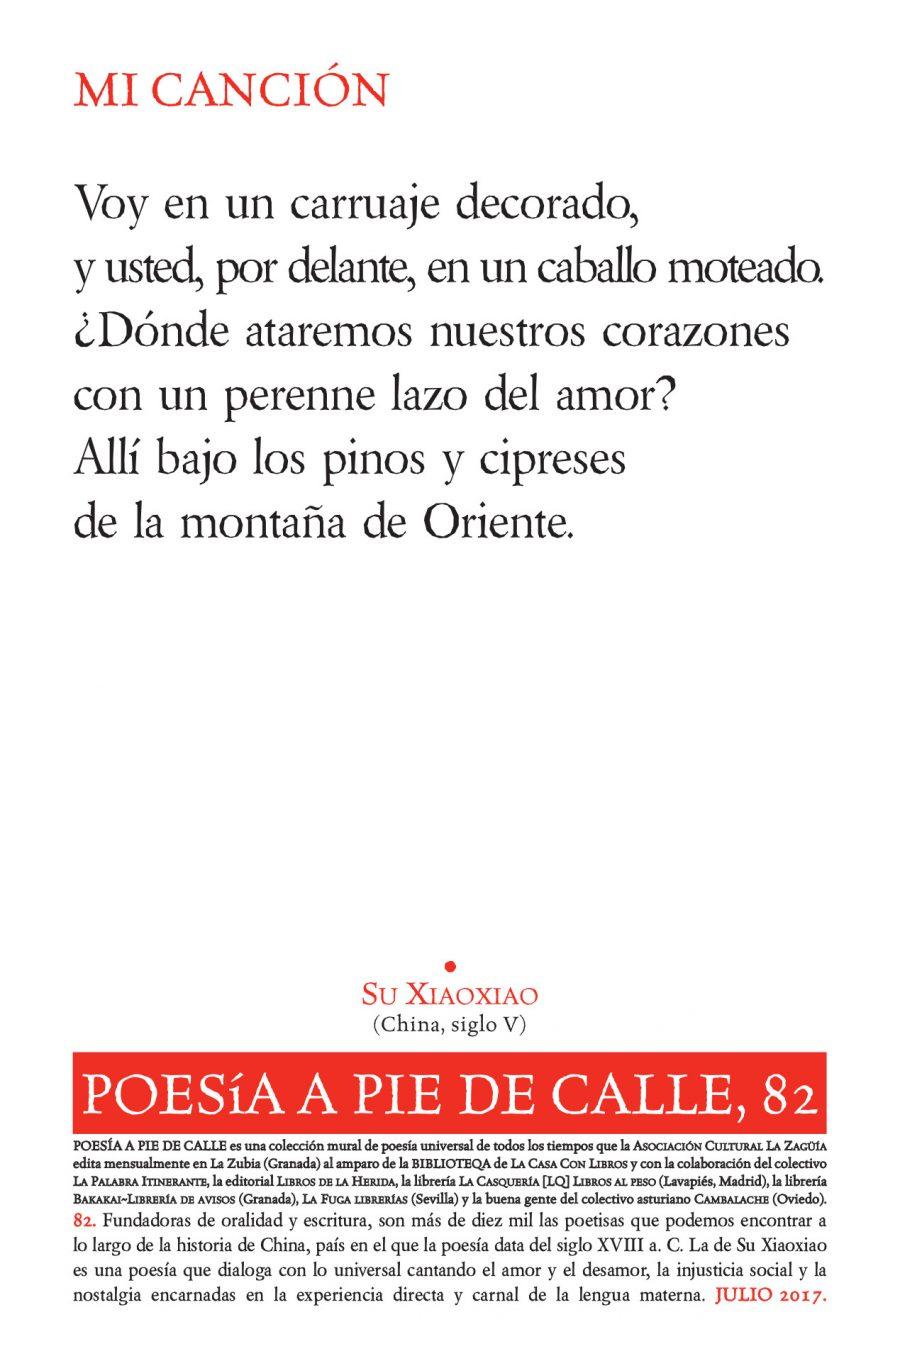 """POESÍA A PIE DE CALLE, 82: """"MI CANCIÓN"""", DE SU XIAOXIAO"""